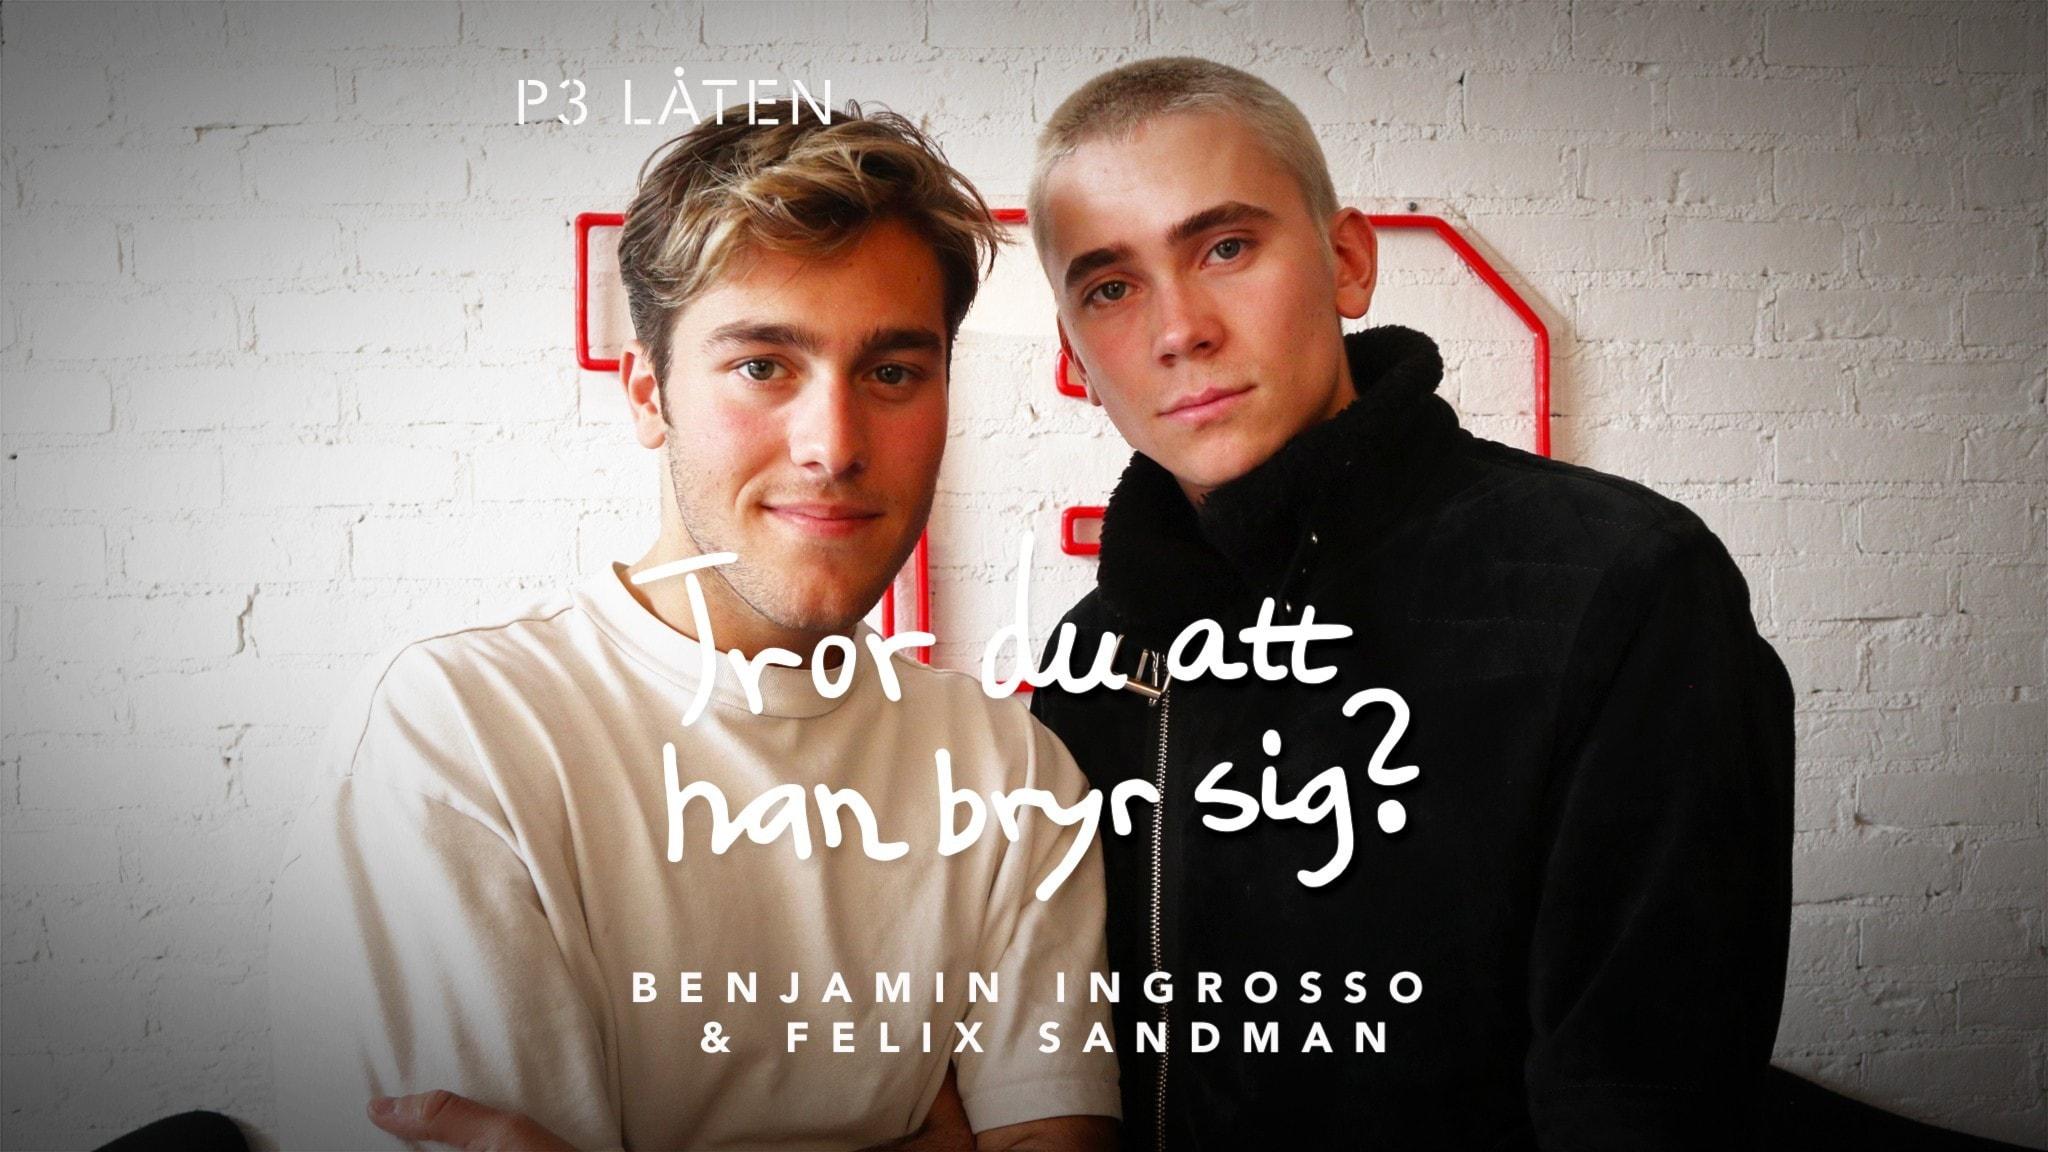 Benjamin Ingrosso & Felix Sandman - Tror du att han bryr sig